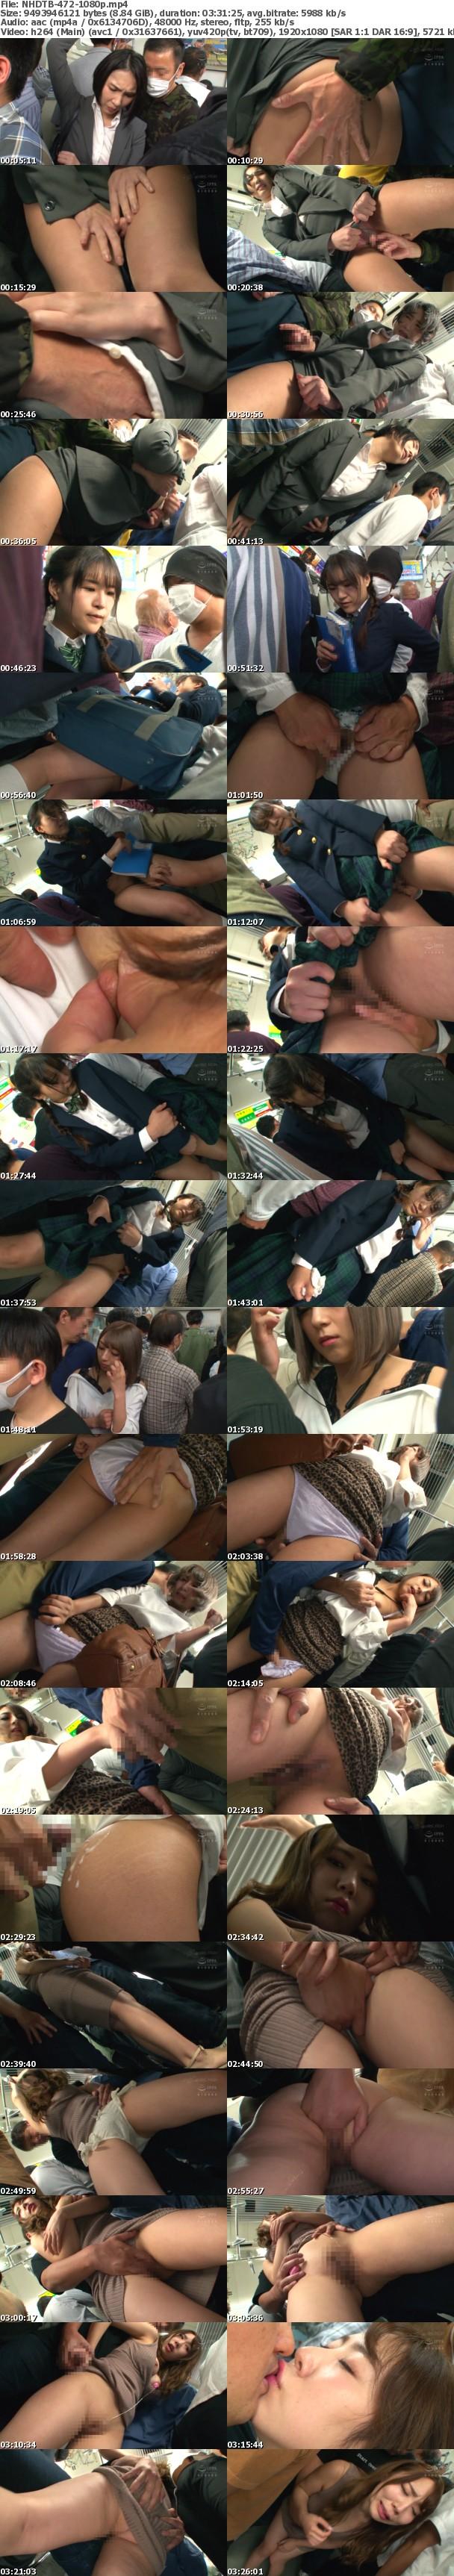 (Full HD) NHDTB-472 痴●師のネチネチ手マンに屈服した女は周りにバレないこっそり挿入で何度も絶頂させられる